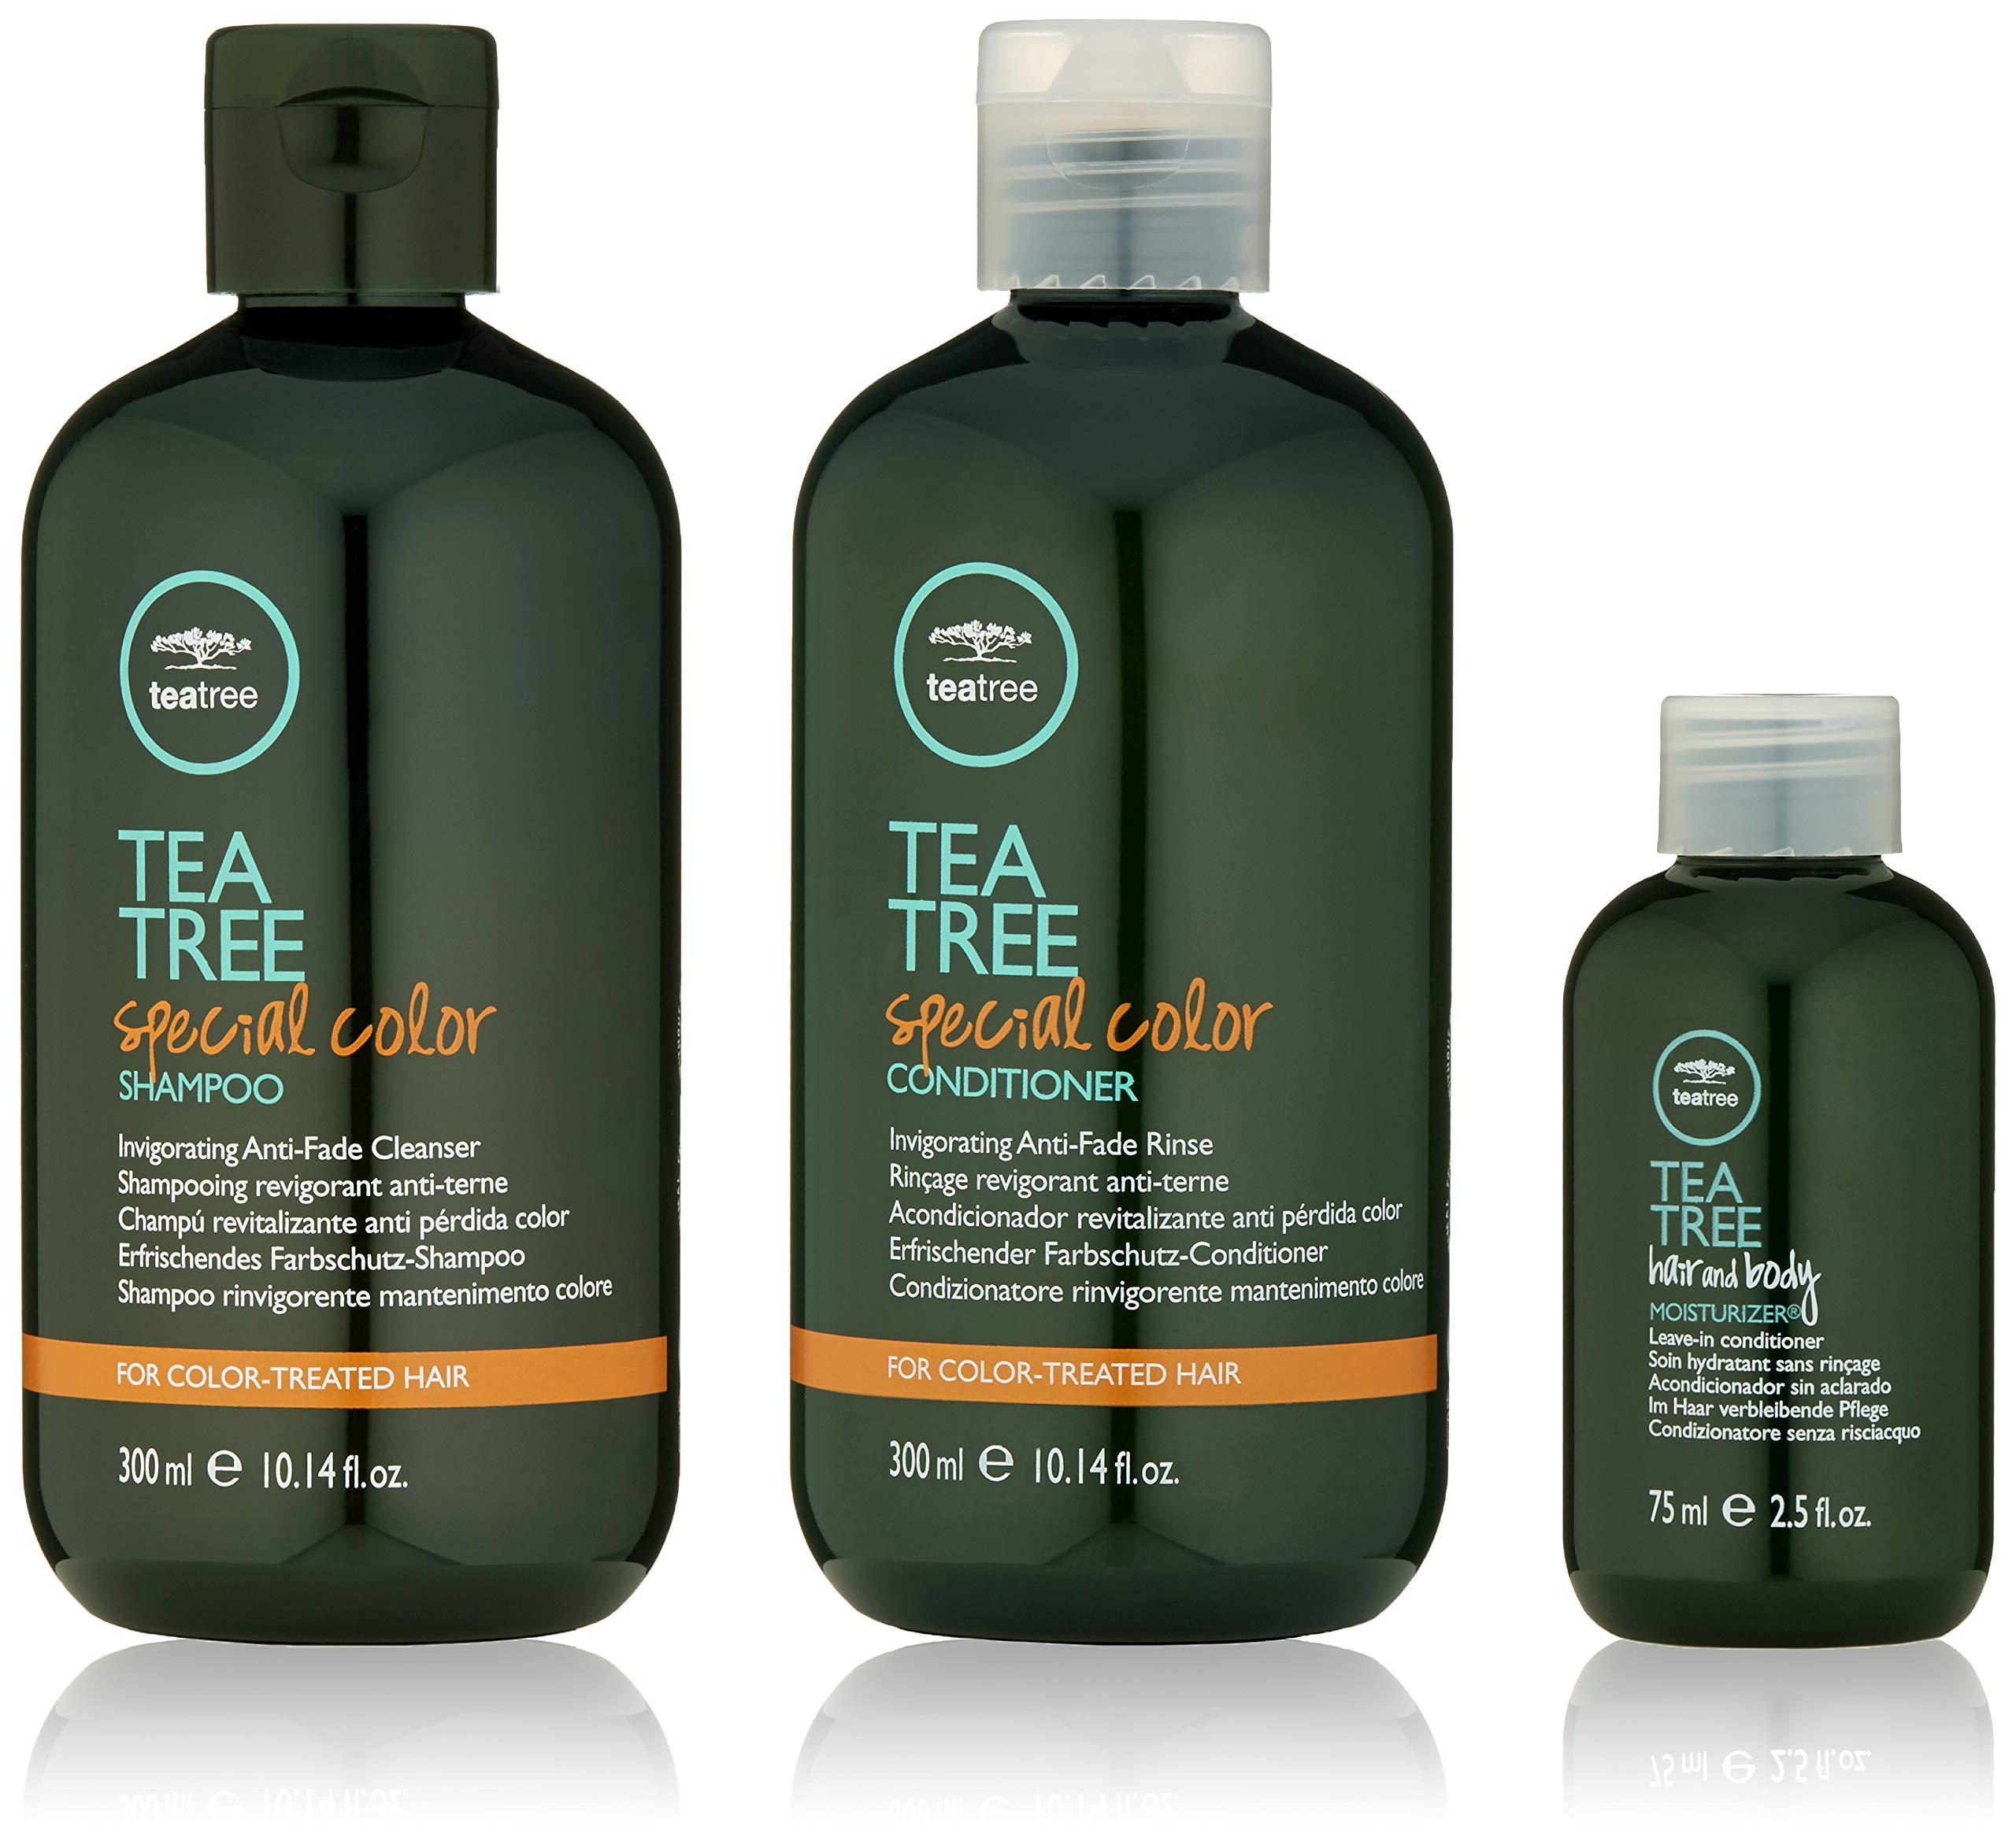 Tea Tree Tingle & Conditioner Color Indulgence Set by Tea Tree